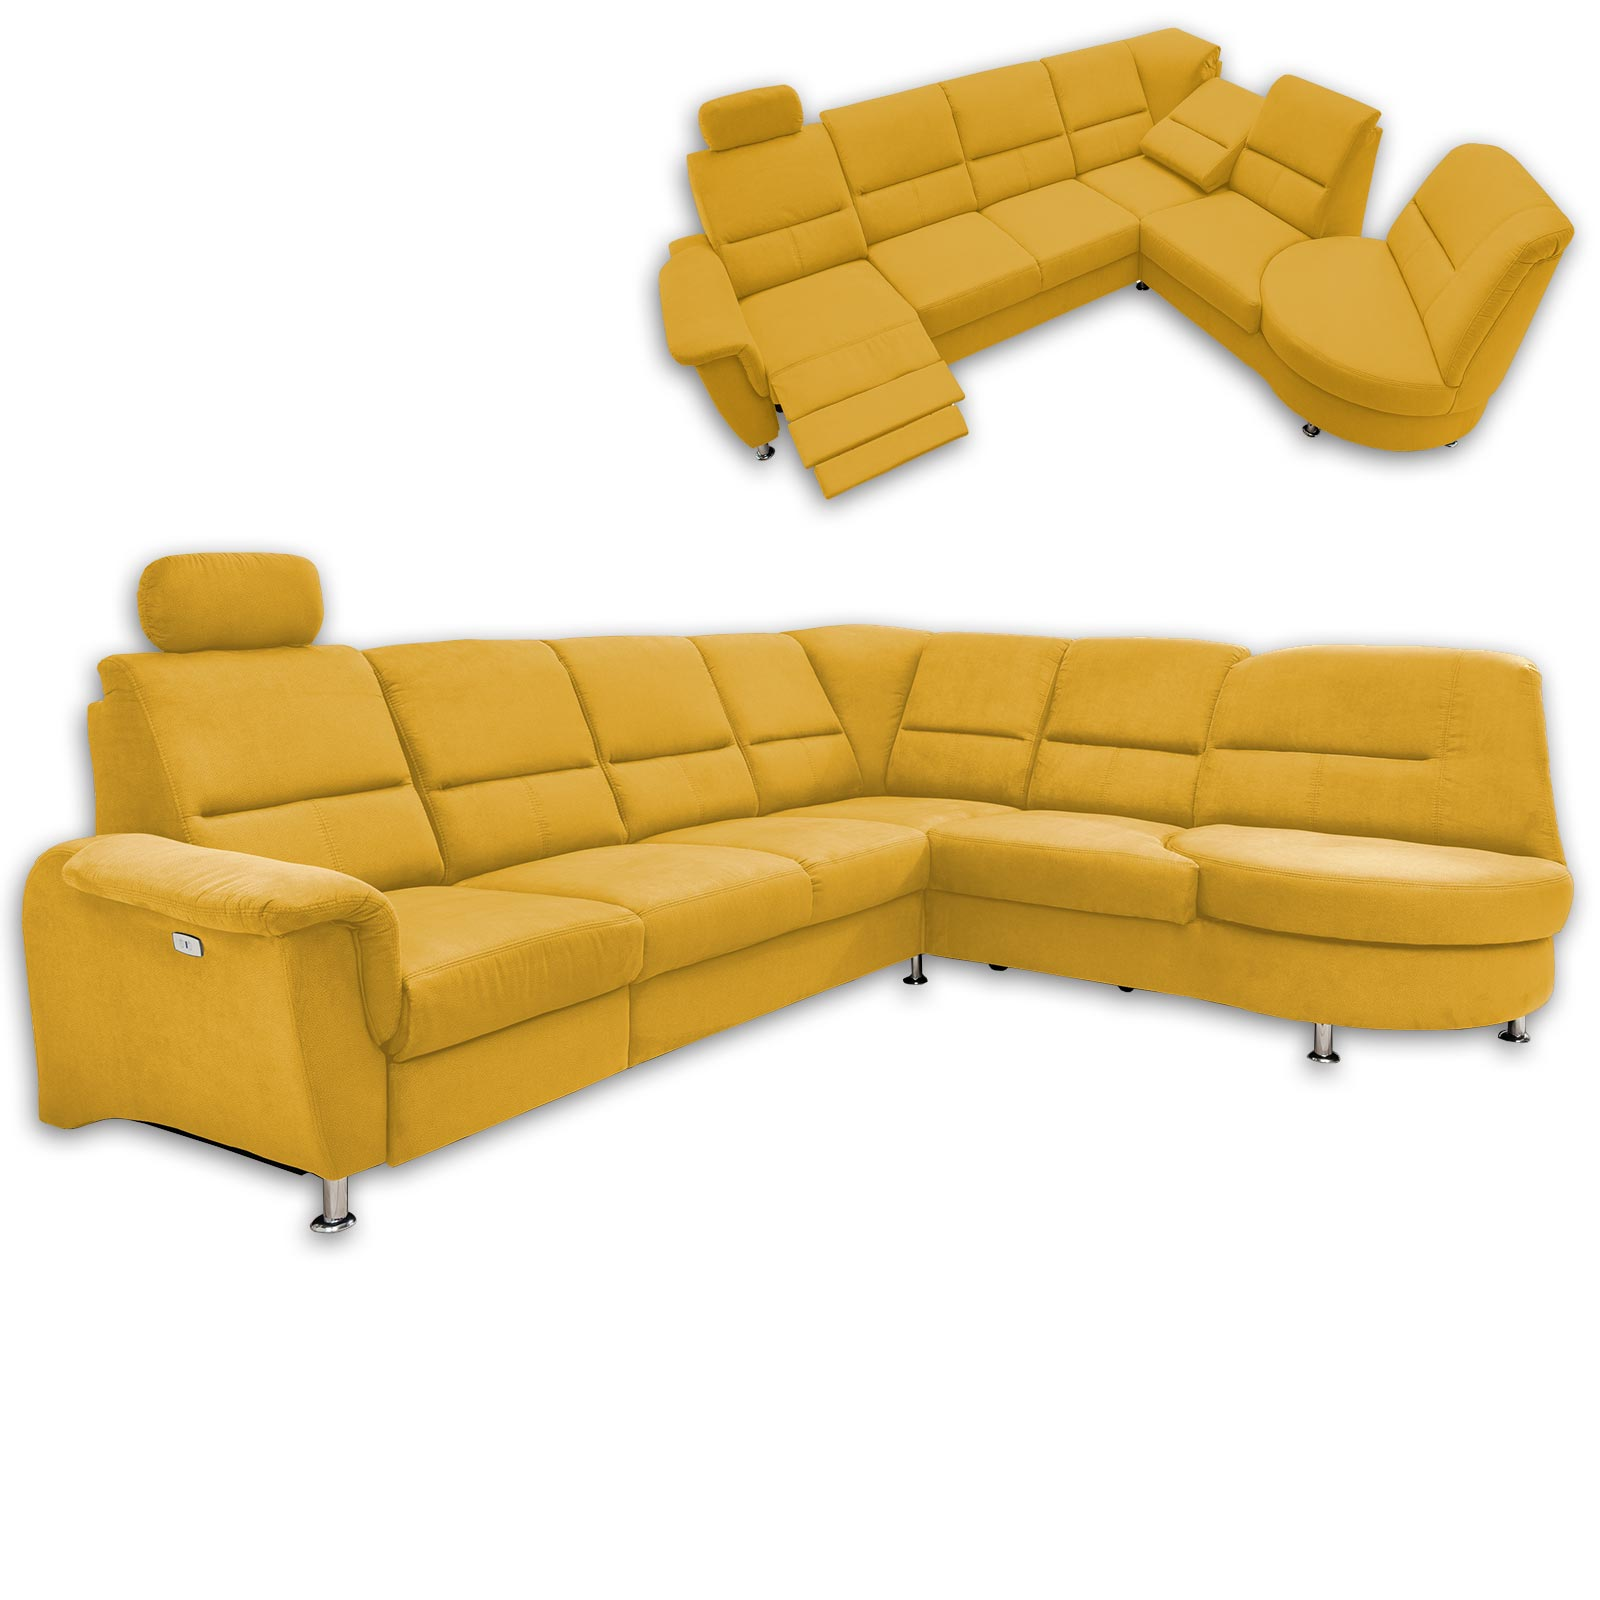 Full Size of Sofa Mit Relaxfunktion Elektrisch Couch Verstellbar 3 Sitzer Elektrische 2 3er Elektrischer Sitztiefenverstellung Leder Ecksofa Gelb Federkern Online Cassina Sofa Sofa Mit Relaxfunktion Elektrisch